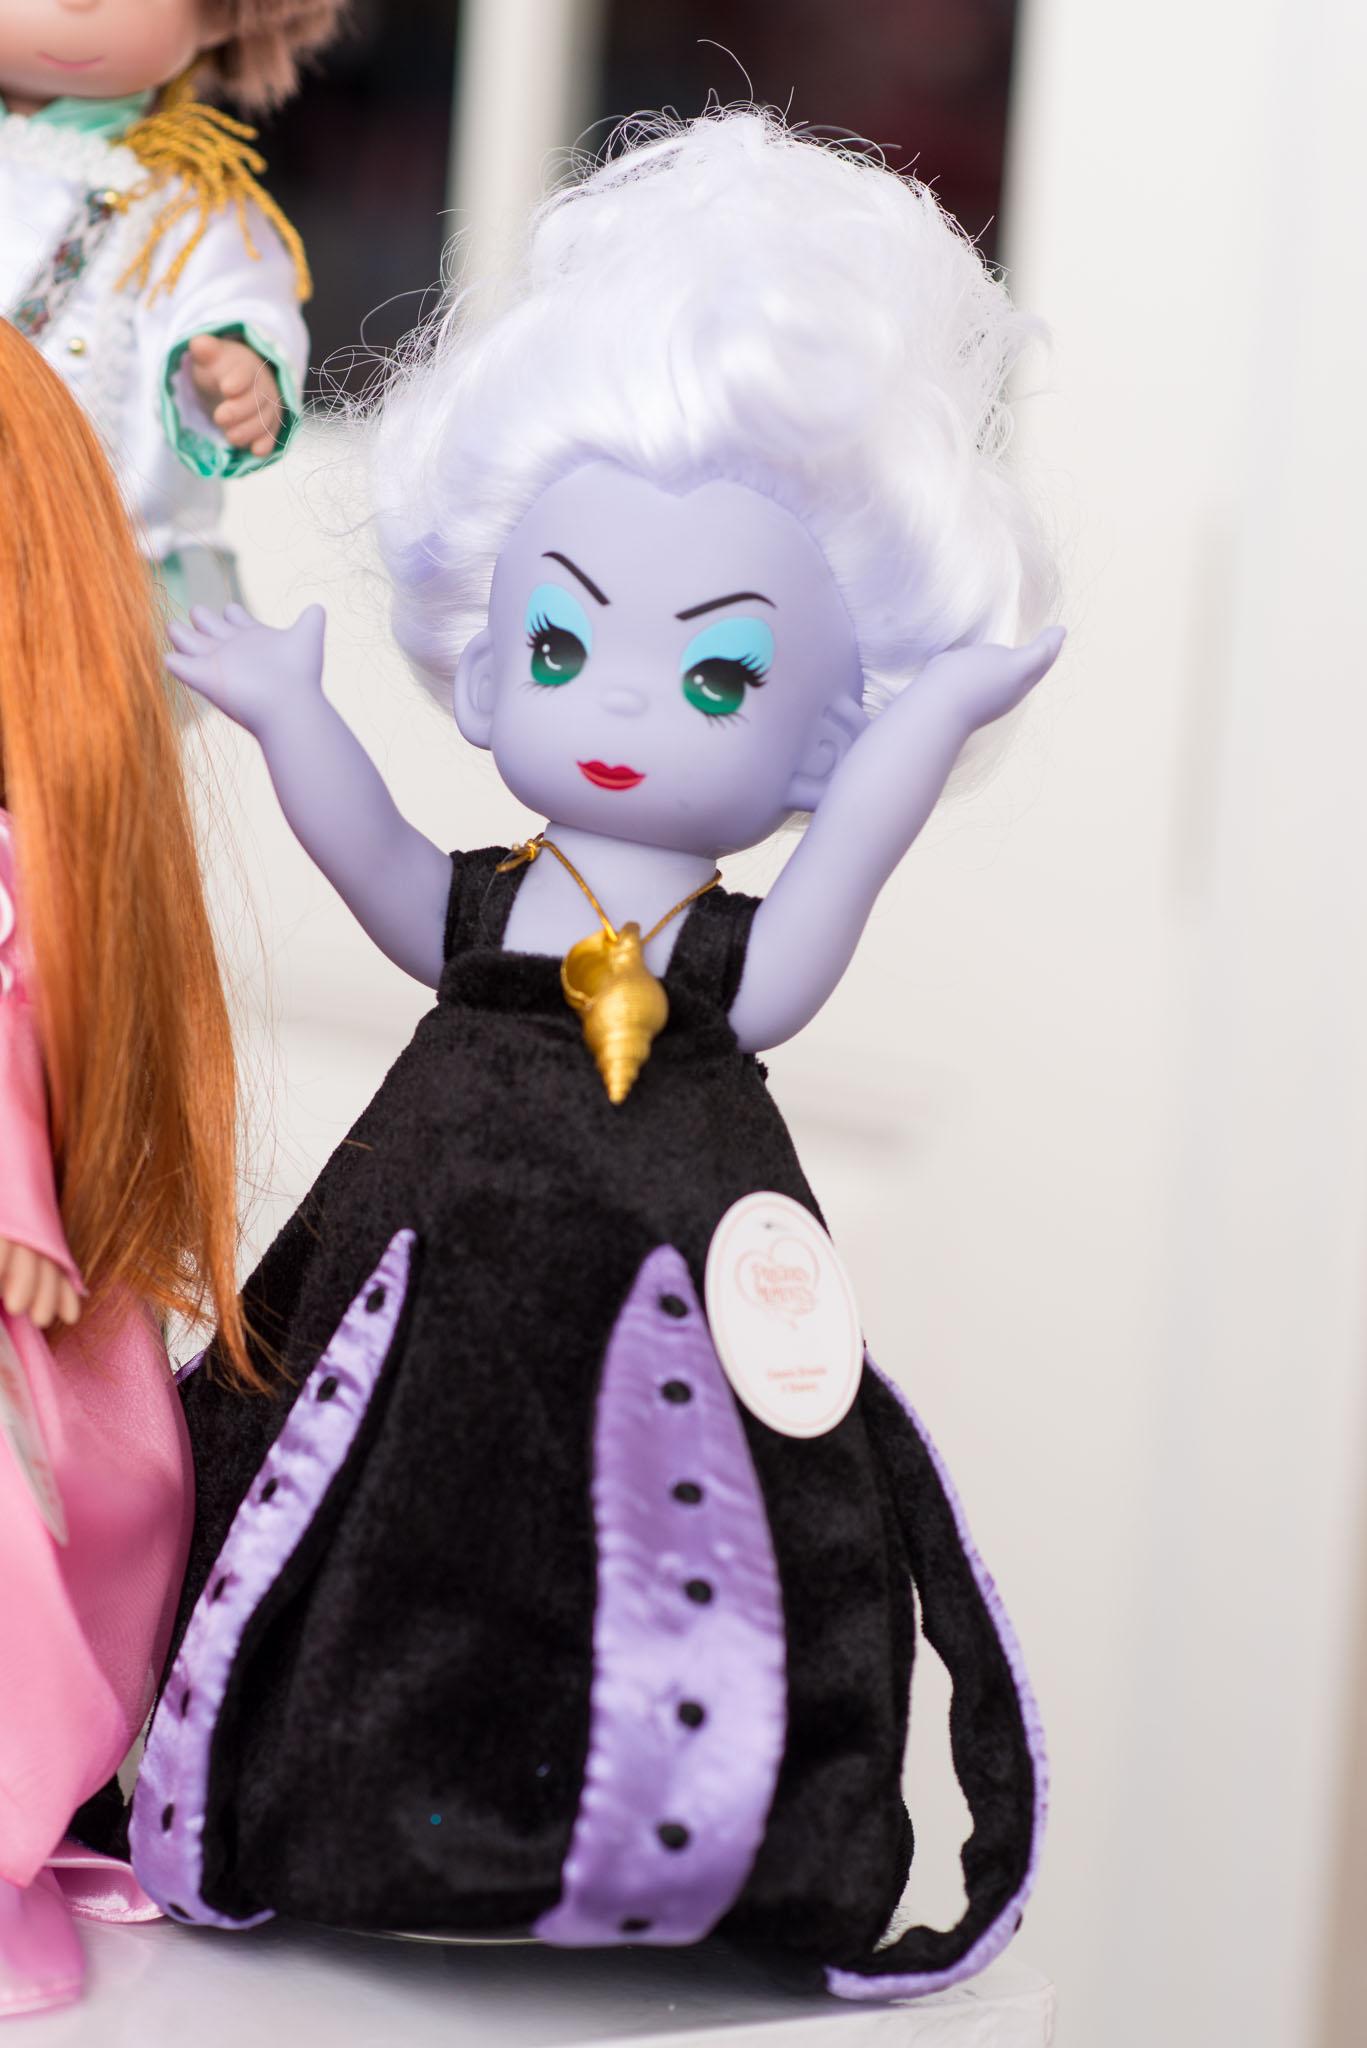 Precious Moments Disney Doll Collection - Ursula - Epcot Flower & Garden Festival 2016